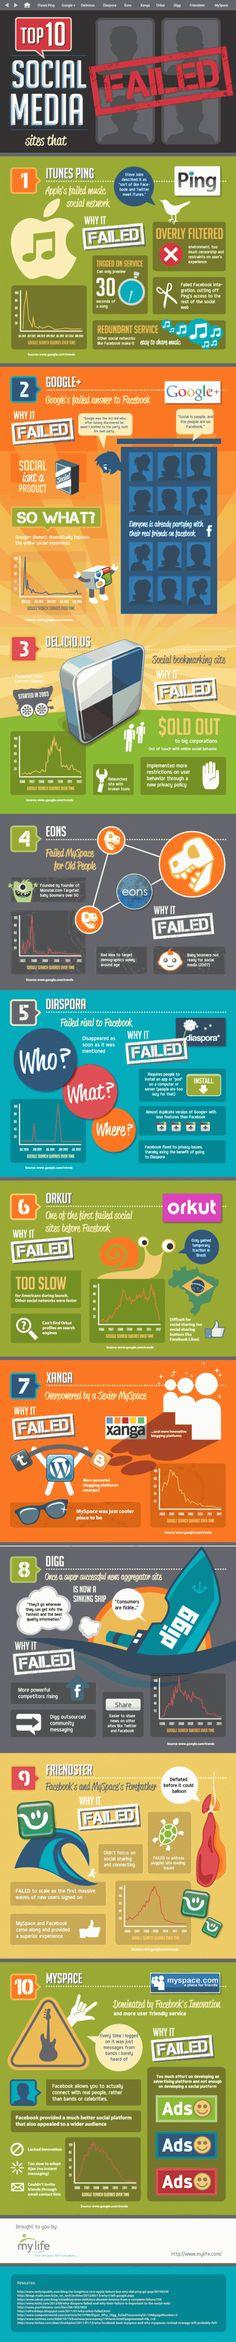 Top 10 Failed Social Media Sites